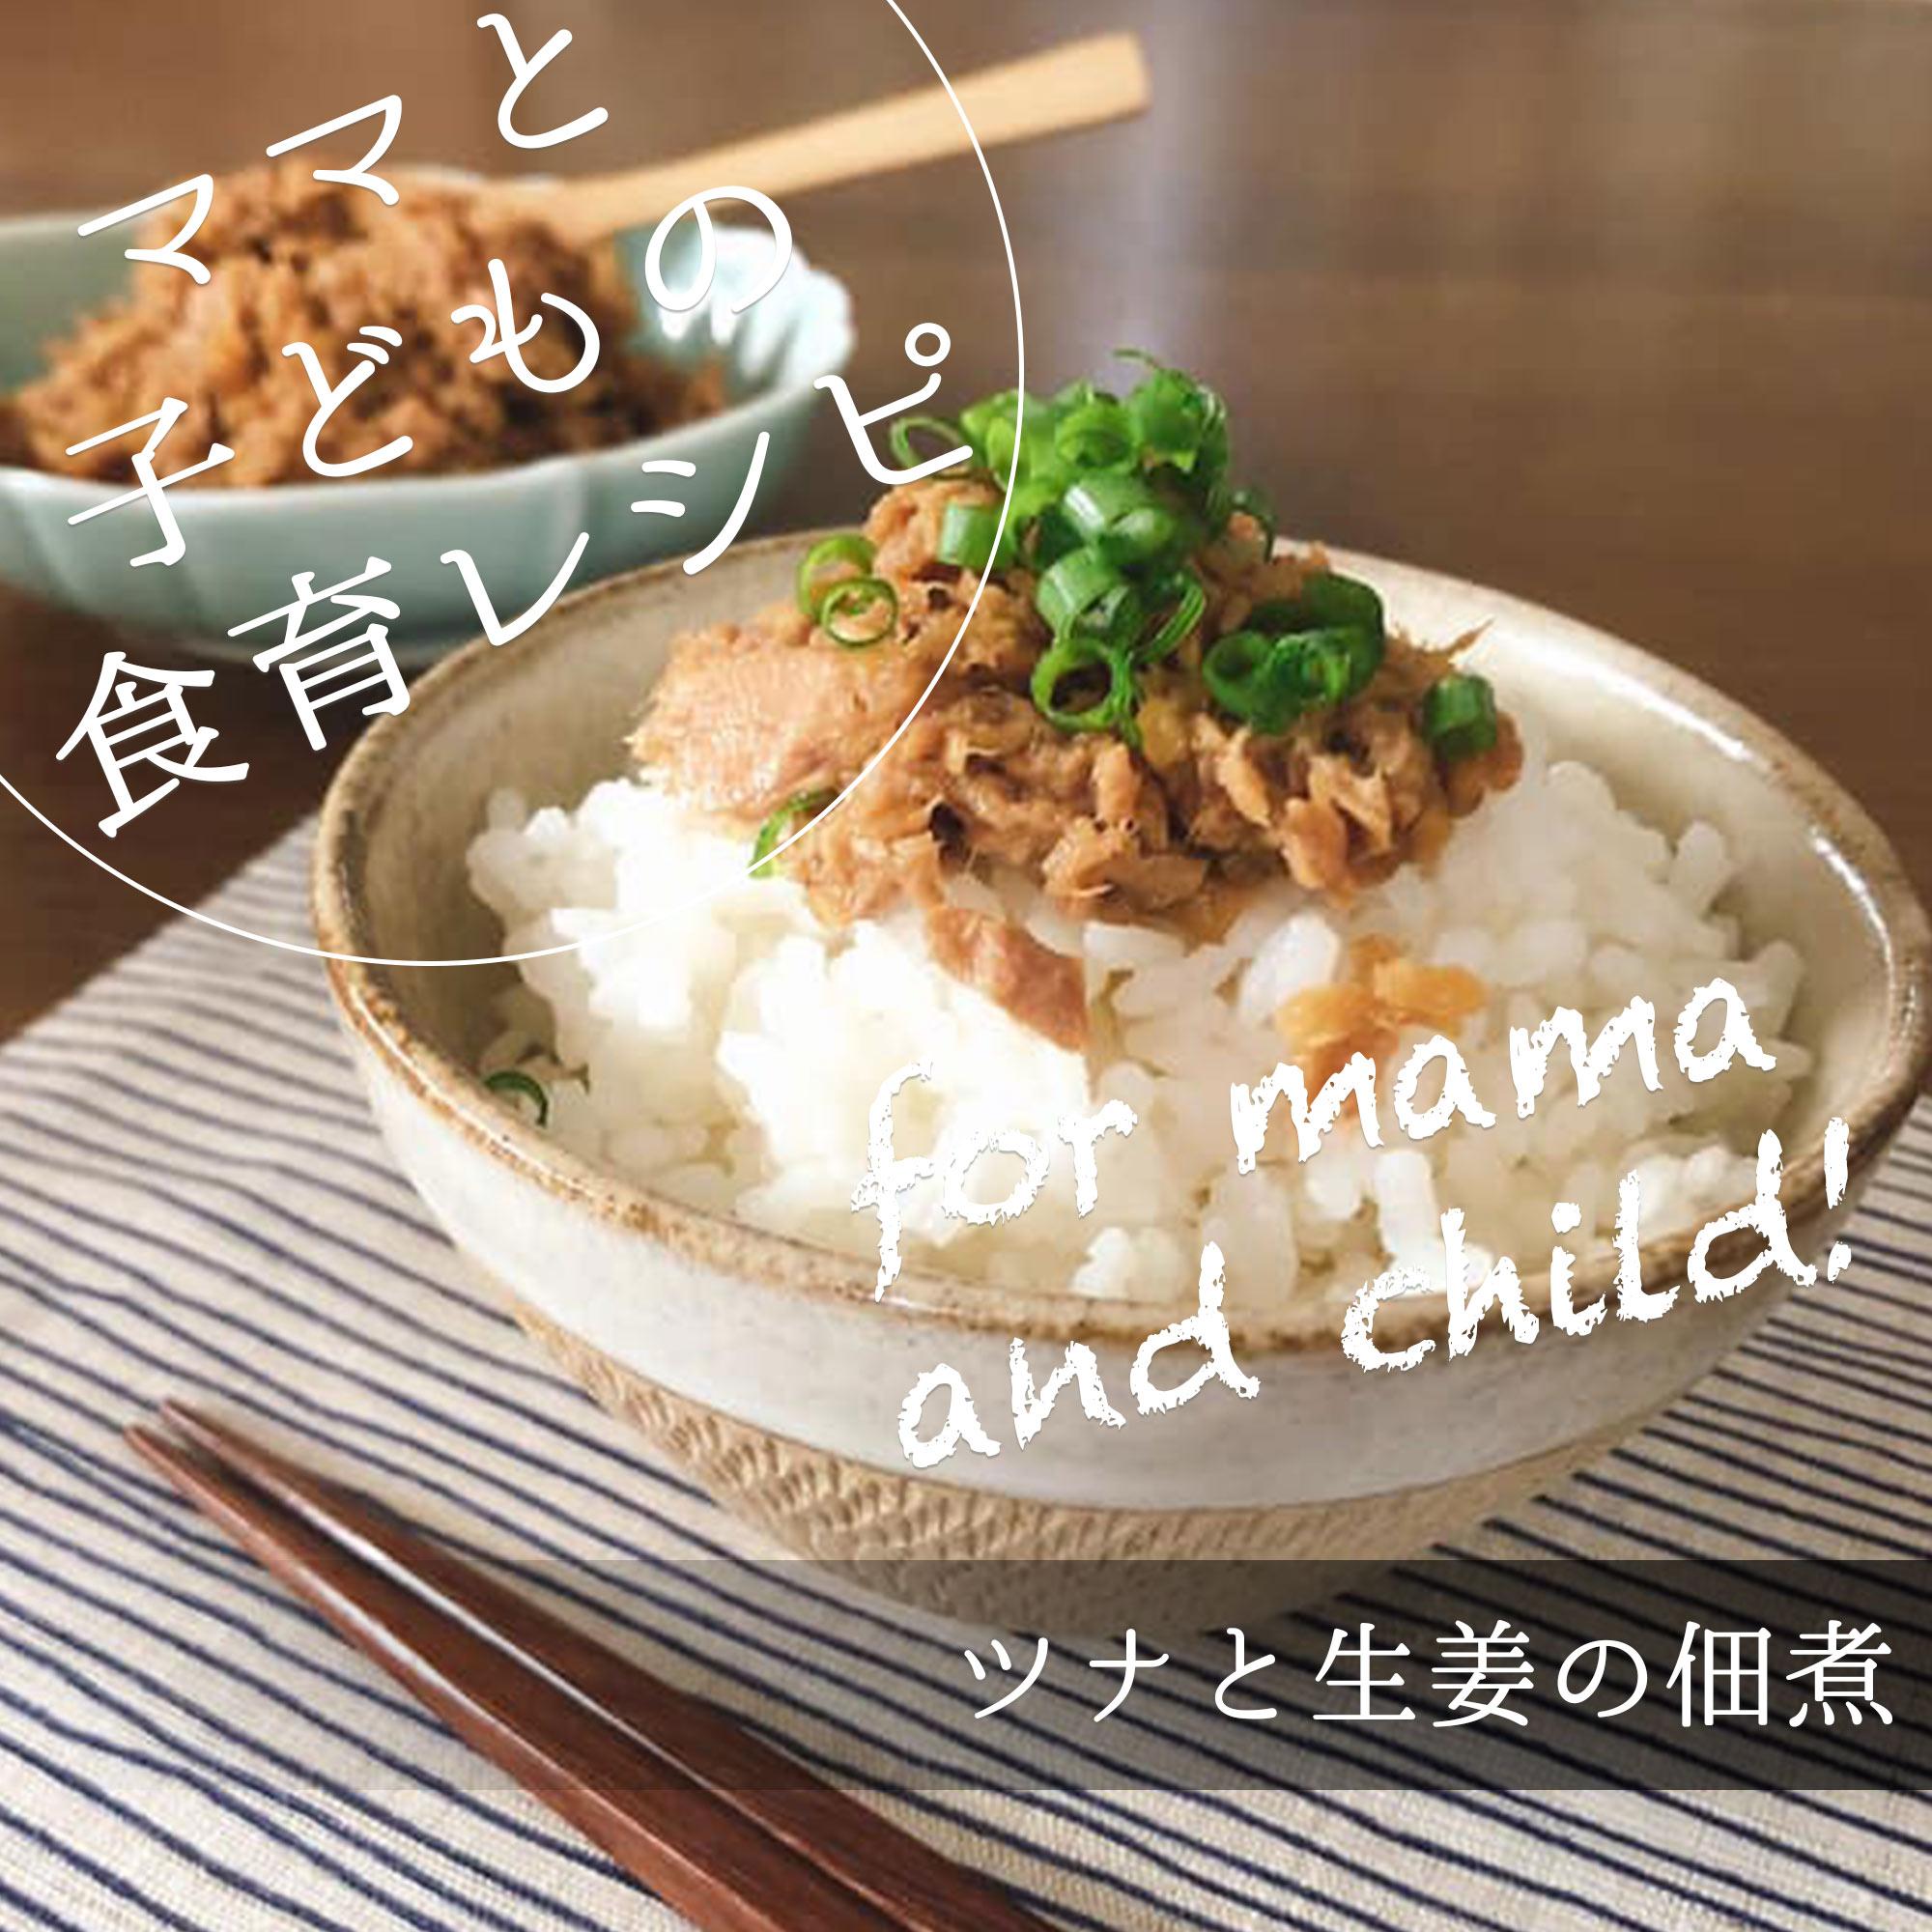 ツナと生姜の佃煮